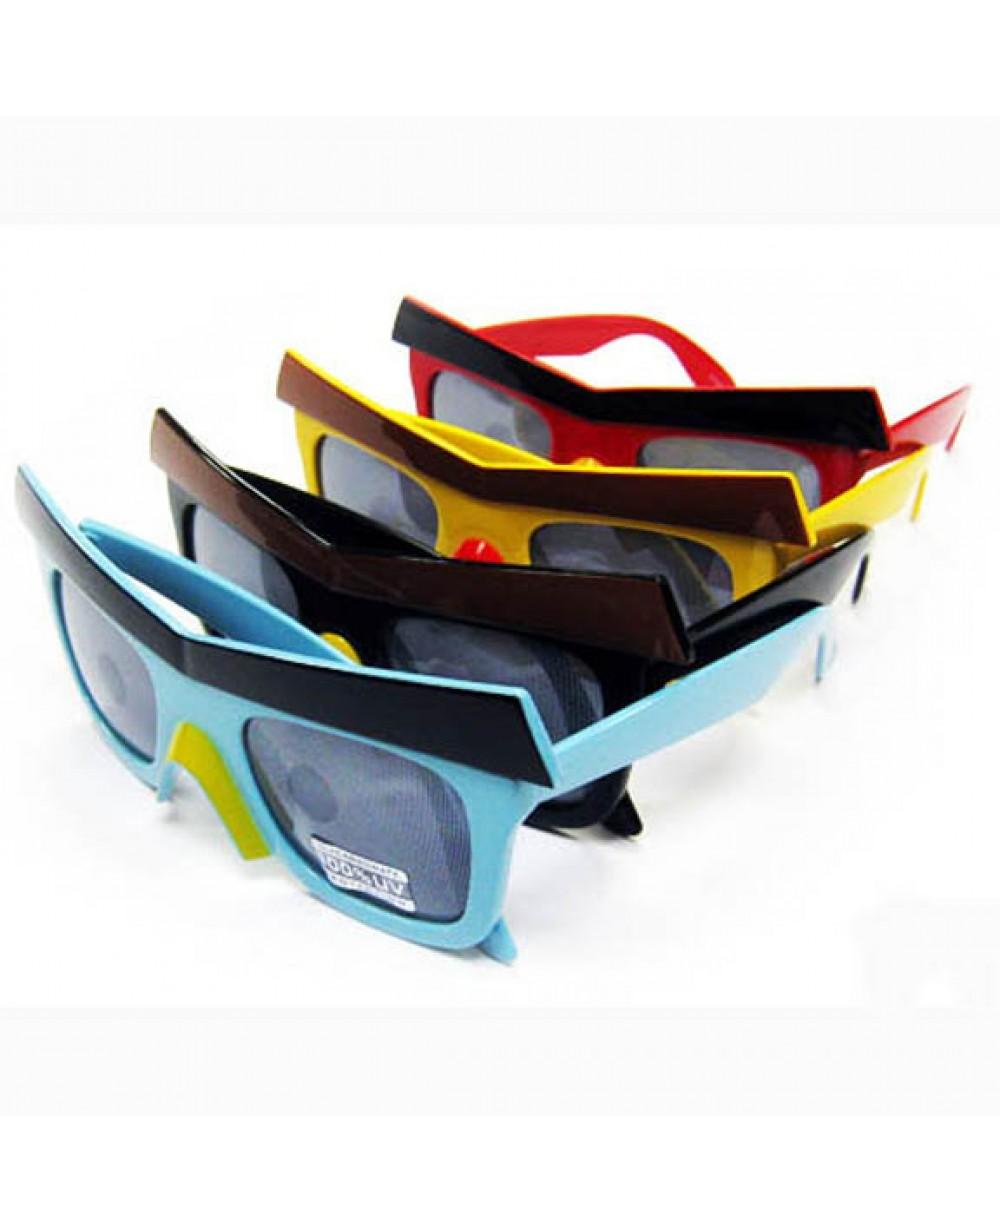 Beak-Sunglasses1 12 Unusual Sunglasses trends in 2018